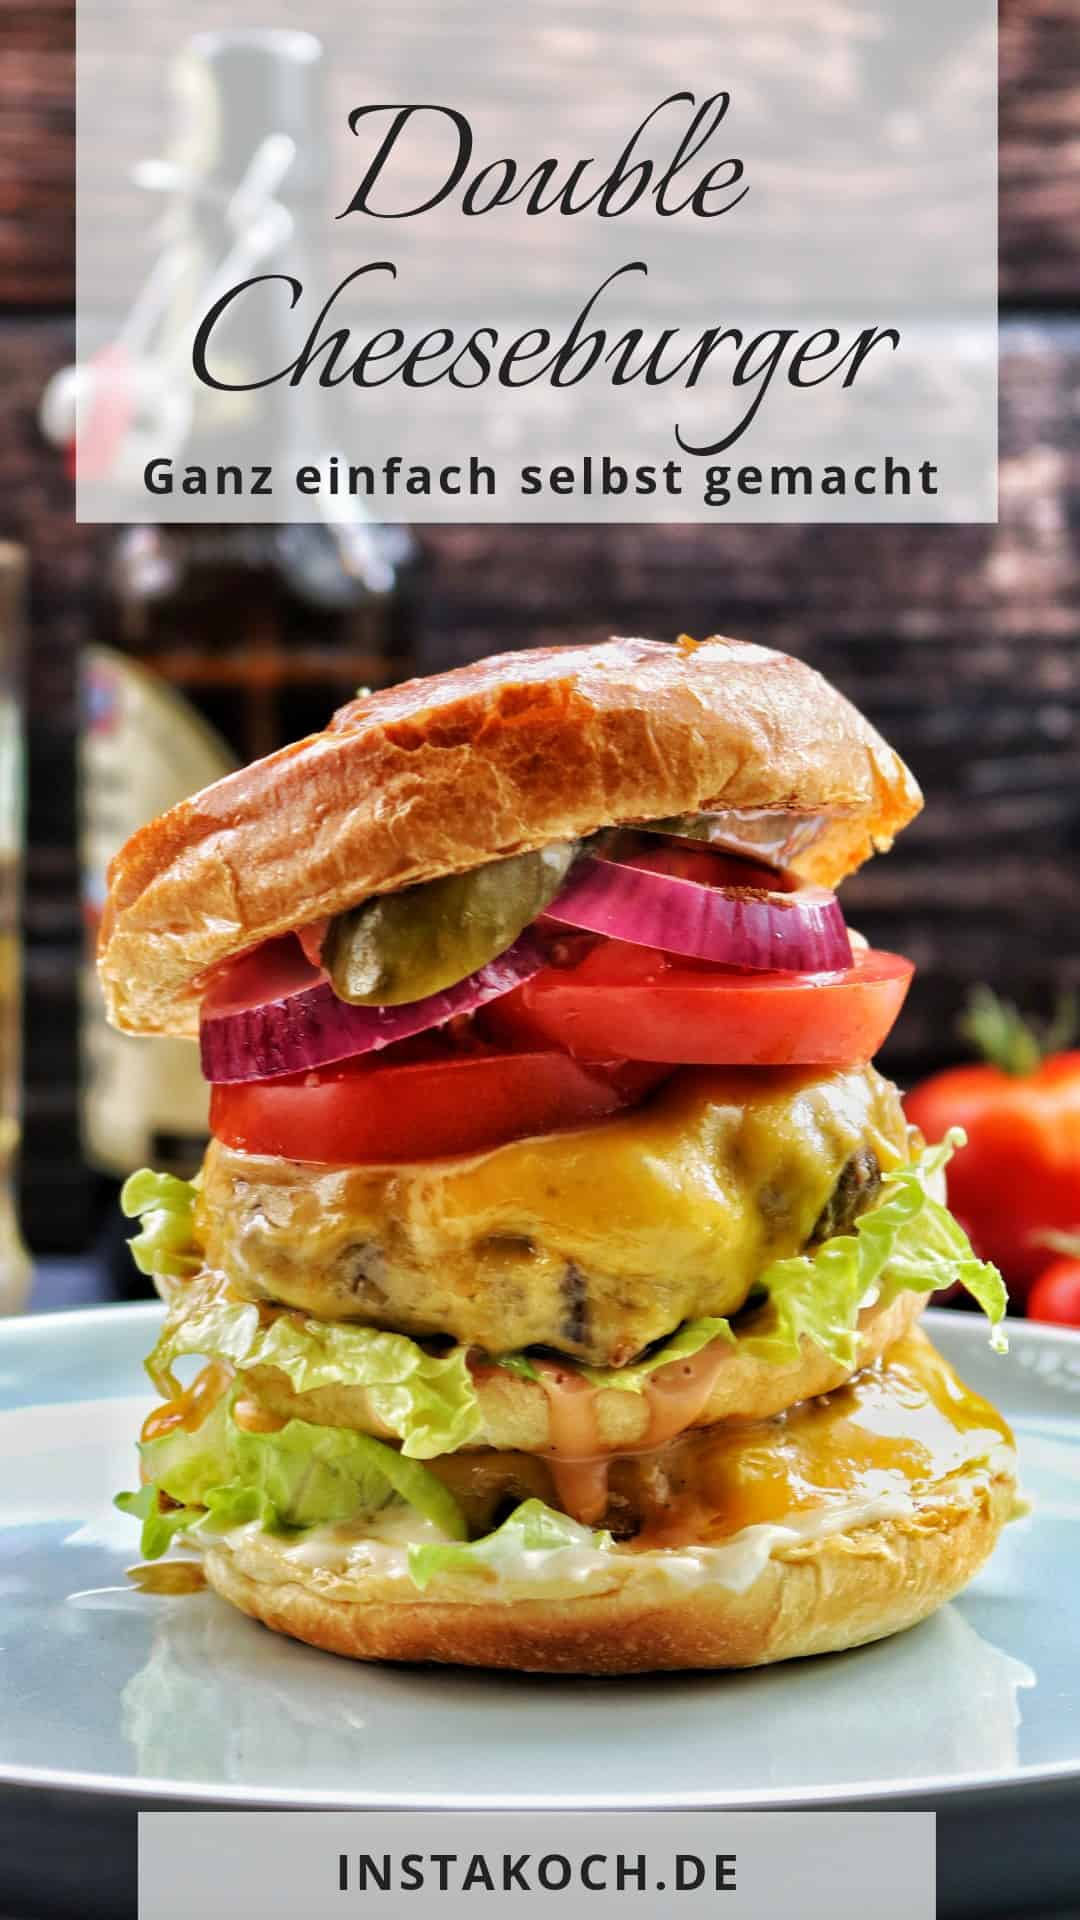 Ein double Cheeseburger auf einem hellen Teller. Im Hintergrund Deko.